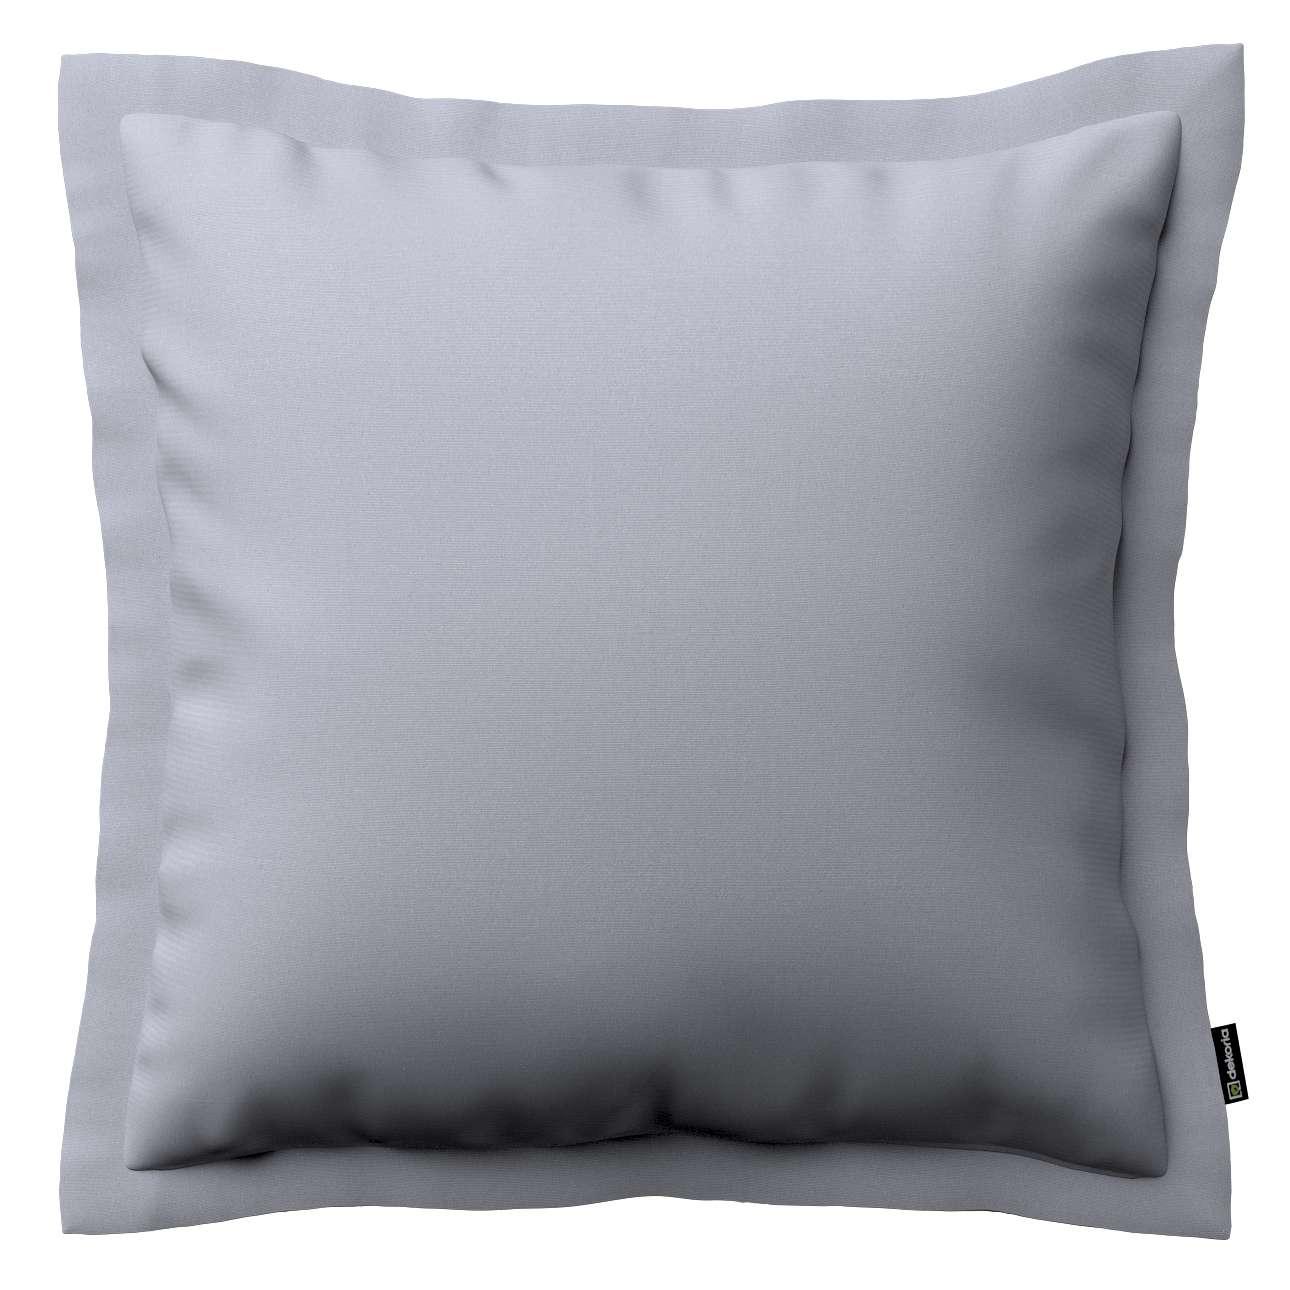 Mona dekoratyvinių pagalvėlių užvalkalas su sienele 45 x 45cm kolekcijoje Jupiter, audinys: 127-92